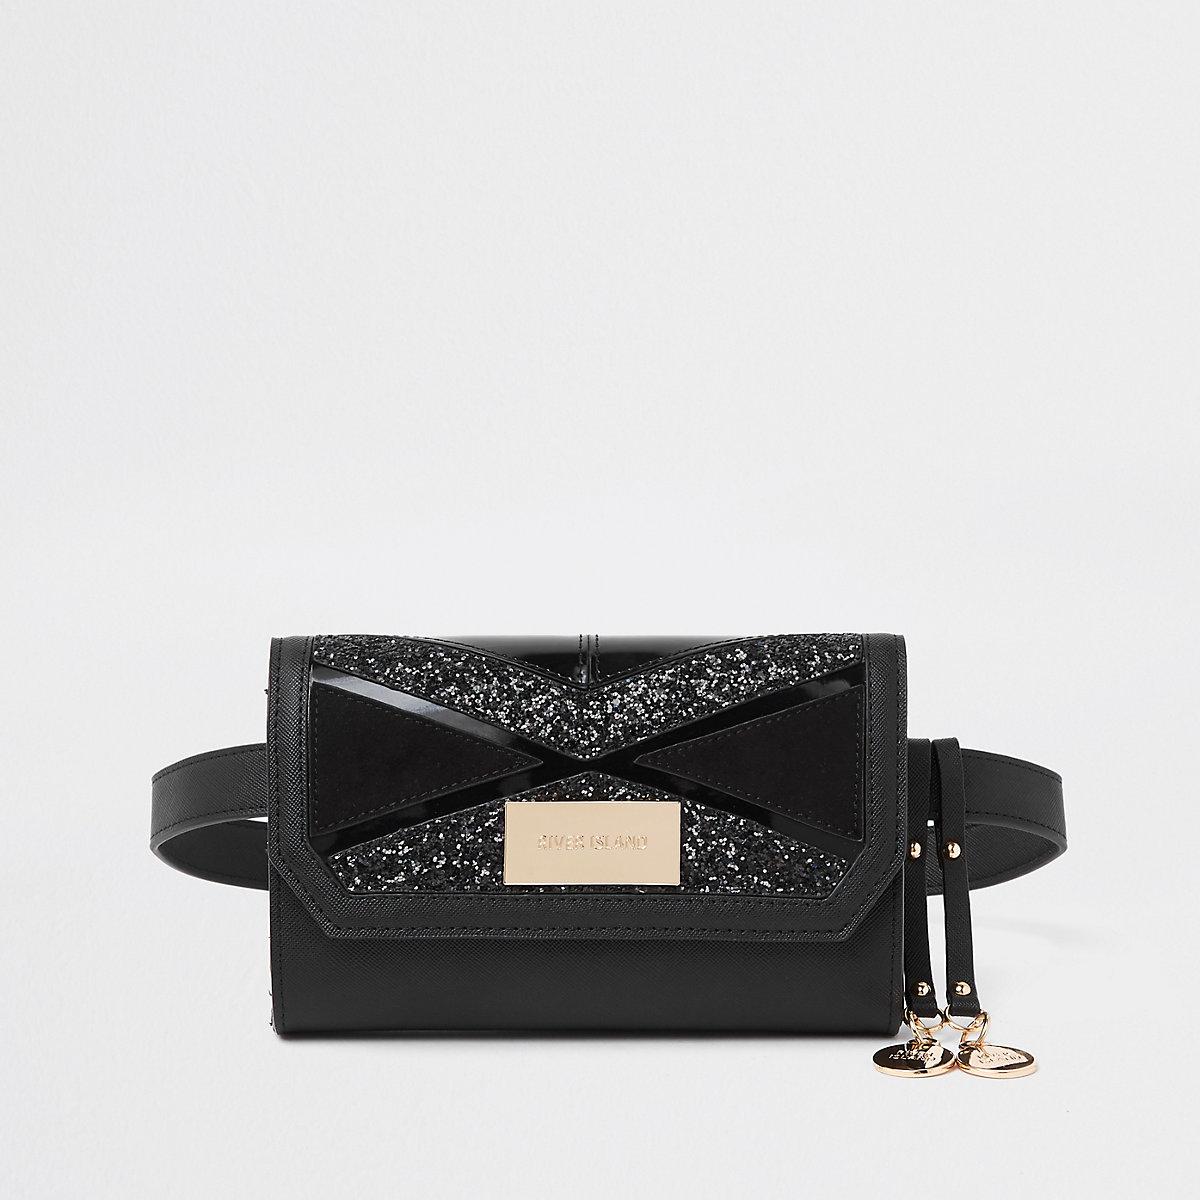 Zwart heuptasje met riem en uitgesneden paneel